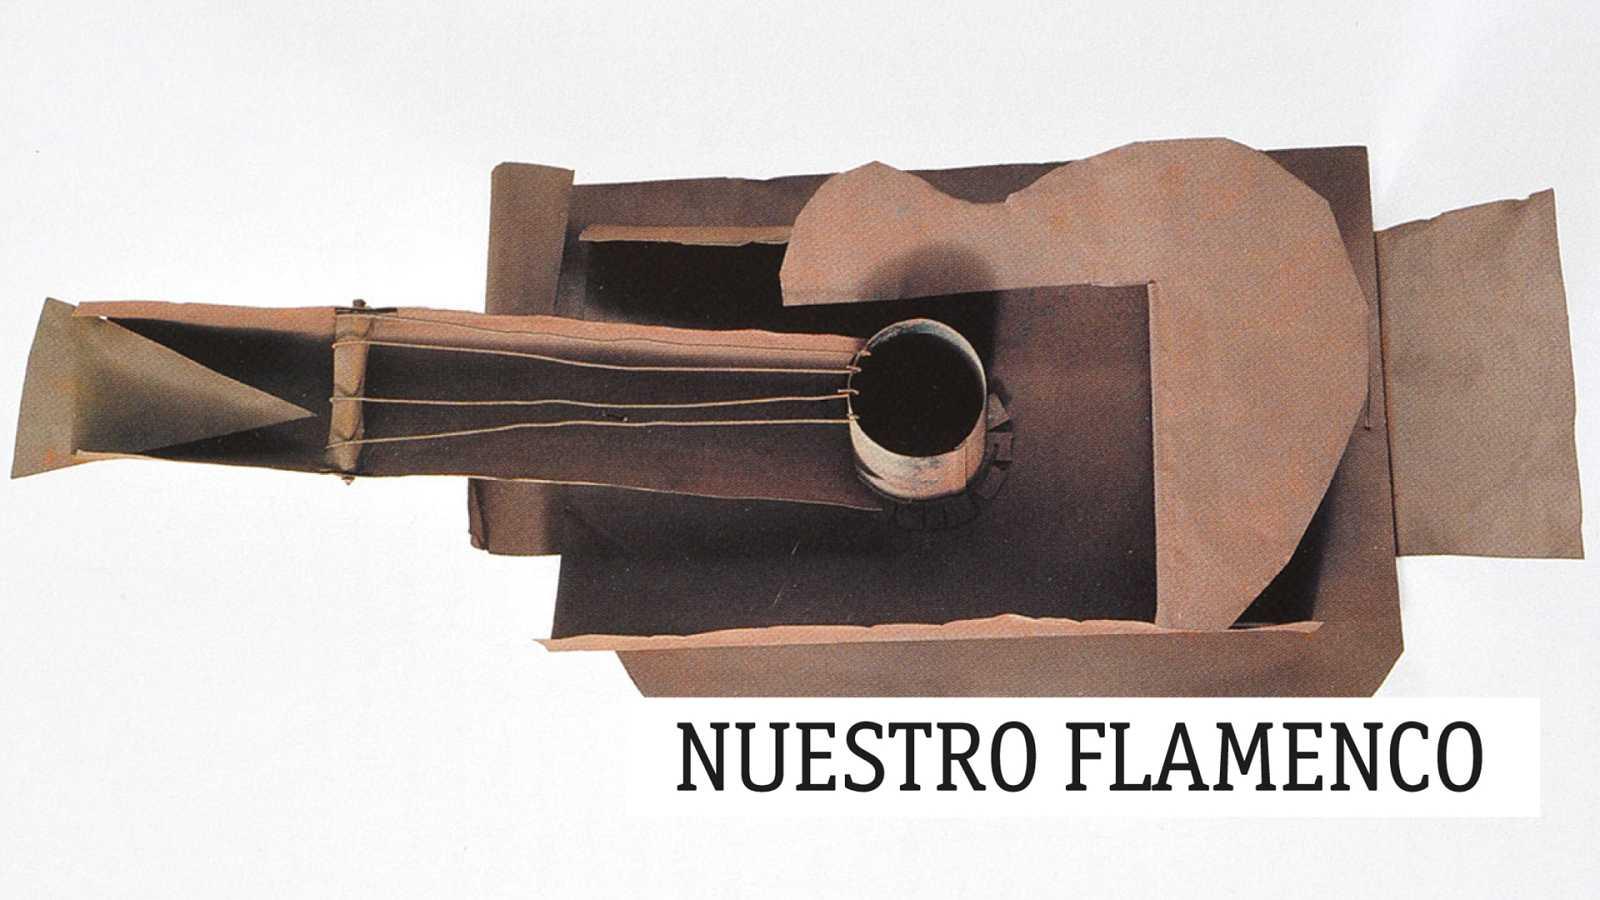 Nuestro flamenco - Al calor del cante de Manolo Simón - 11/03/21 - escuchar ahora